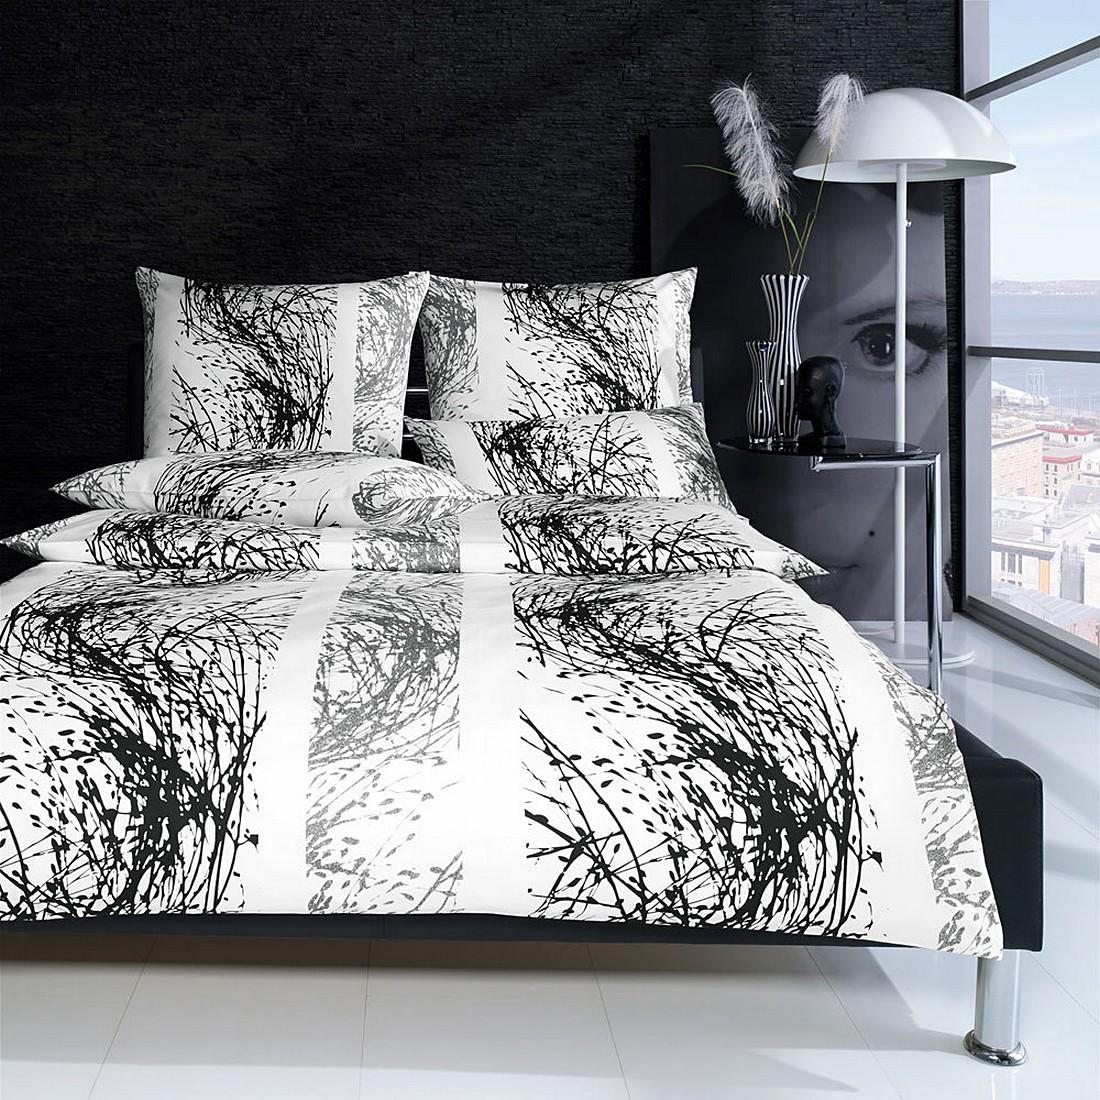 bettw sche l we black baumwolle schwarz 135x200 cm. Black Bedroom Furniture Sets. Home Design Ideas